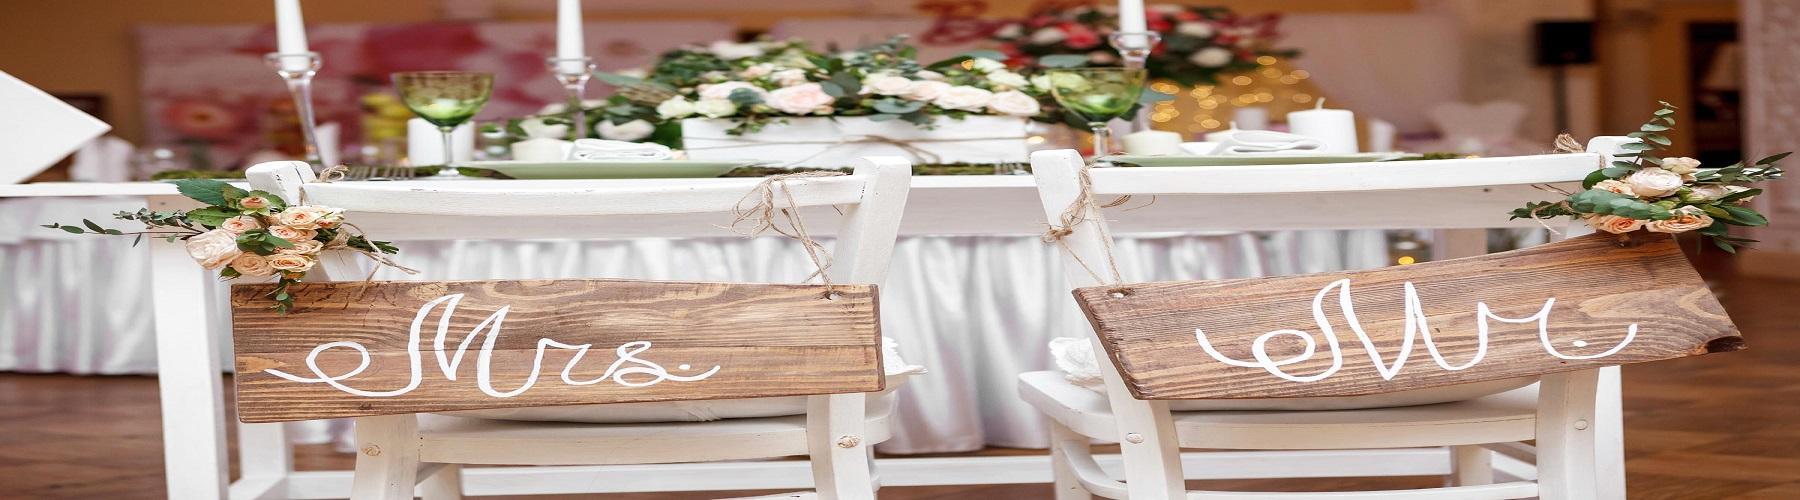 Узнайте напрямую сколько стоит Свадьба в Испании